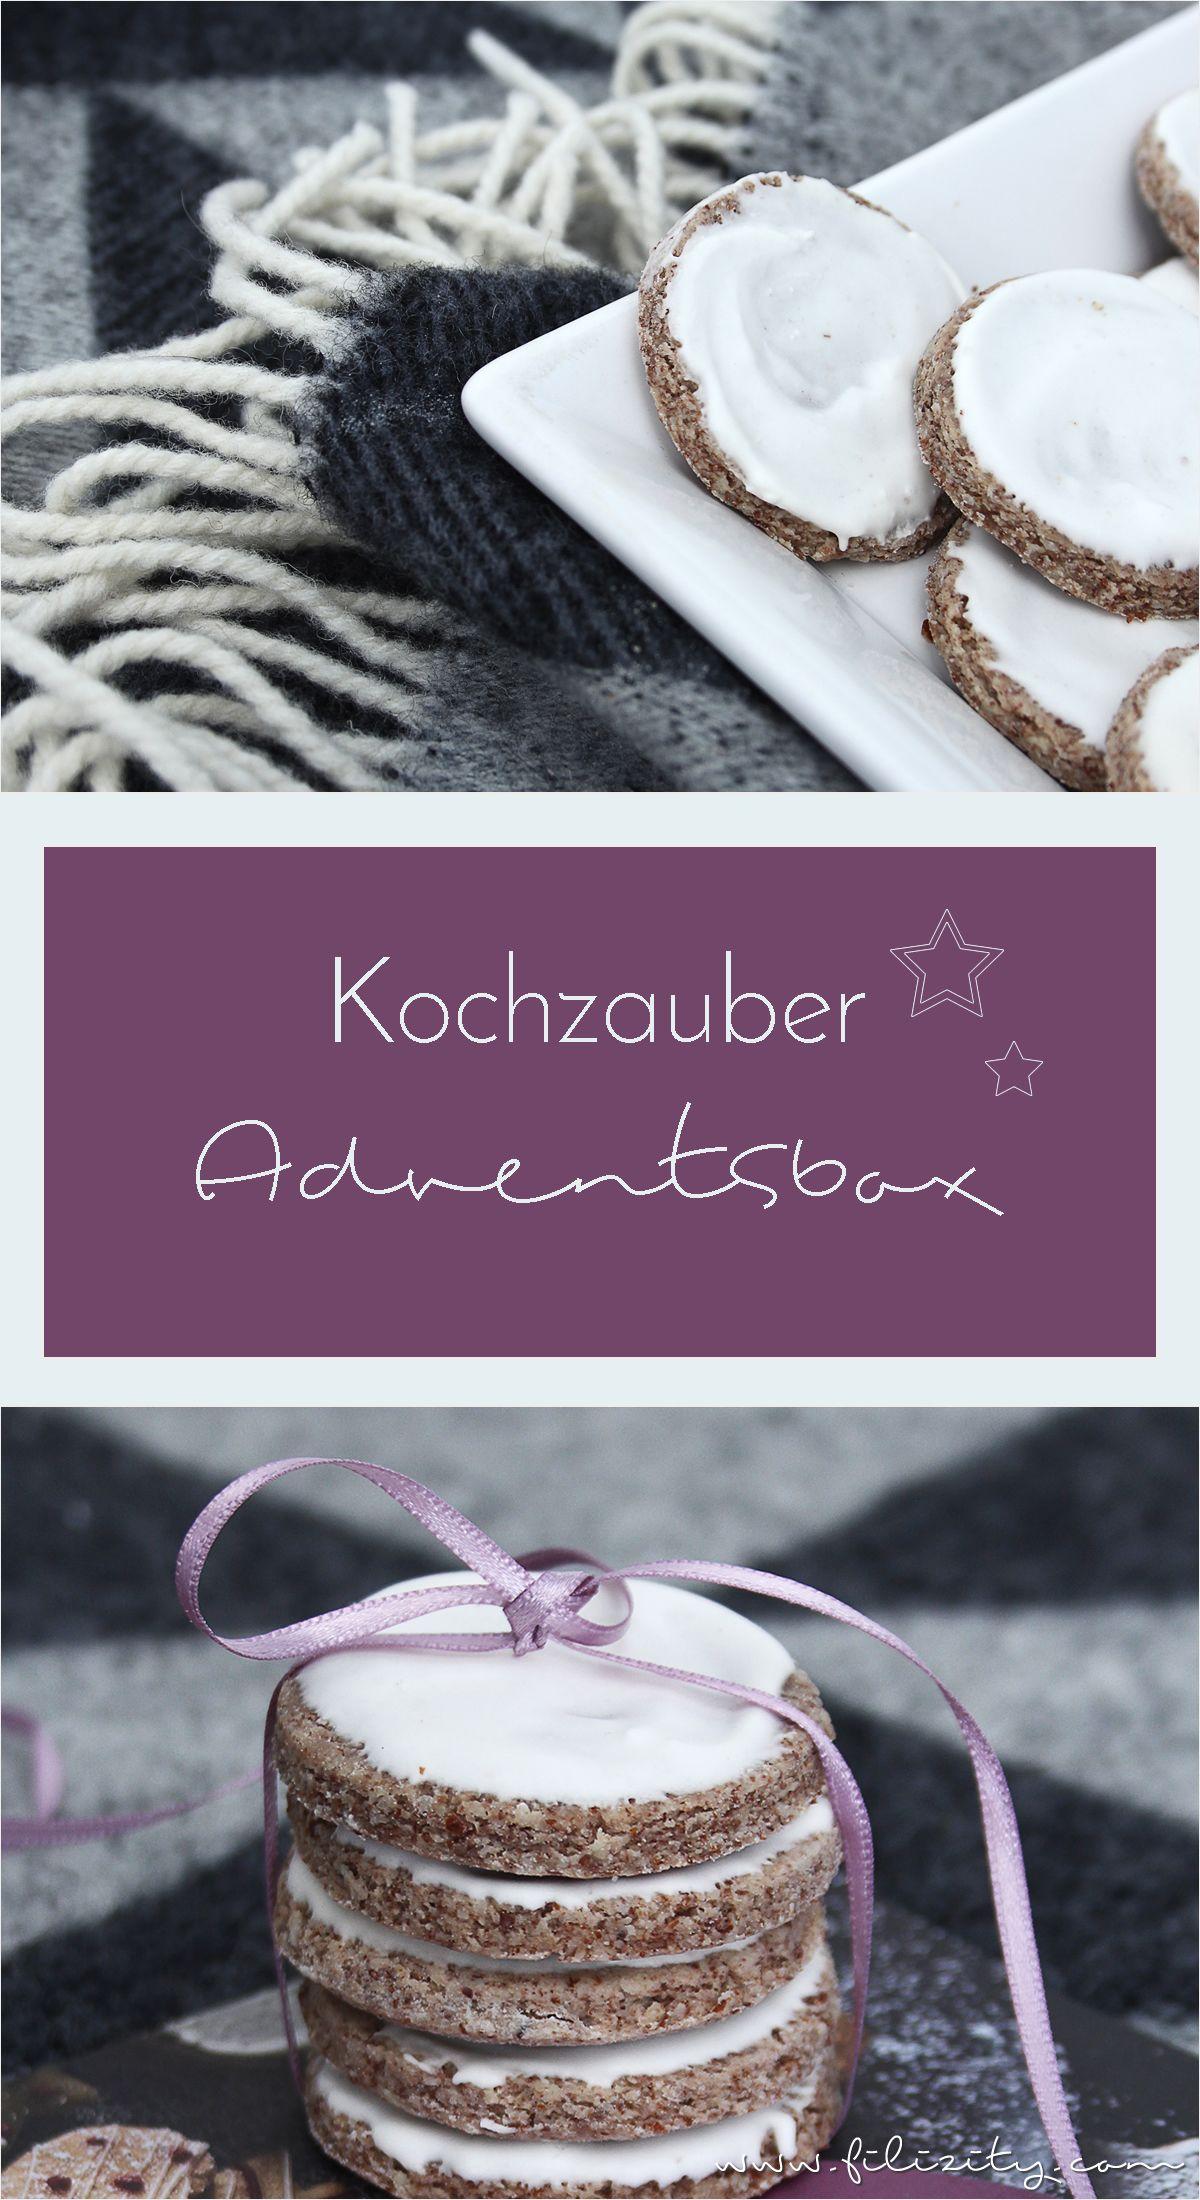 Vorfreude auf Weihnachten: Plätzchen backen mit der Adventsbox von Kochzauber